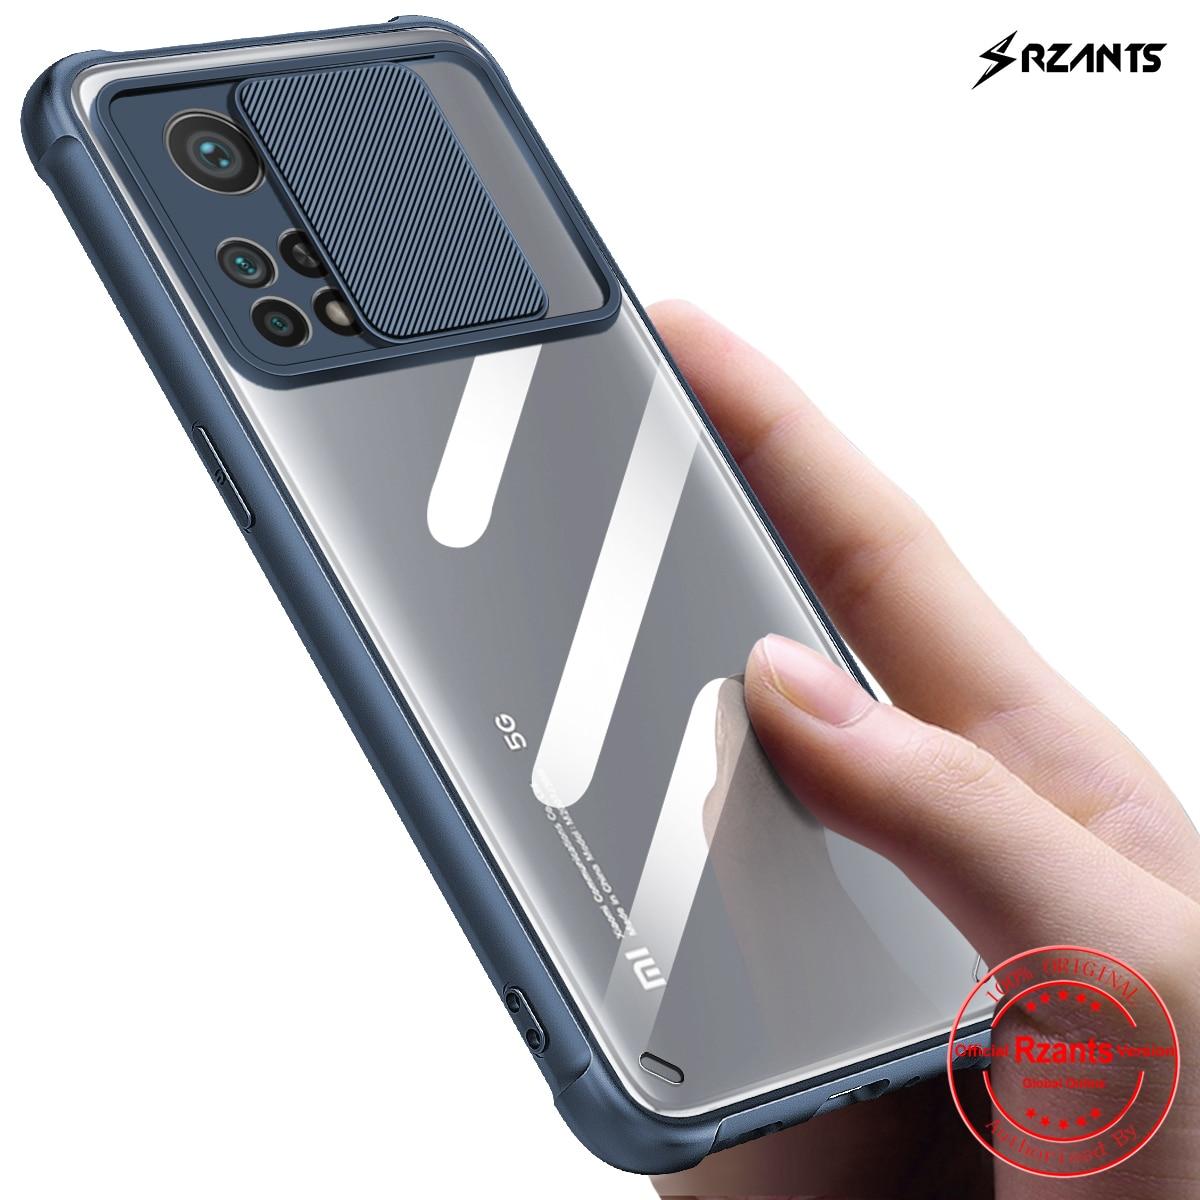 Мягкий чехол Rzants для Xiaomi Mi 10T Xiaomi MI 10T Pro [Защита объектива] Мягкий чехол прозрачная задняя Жесткая крышка чехол для телефона